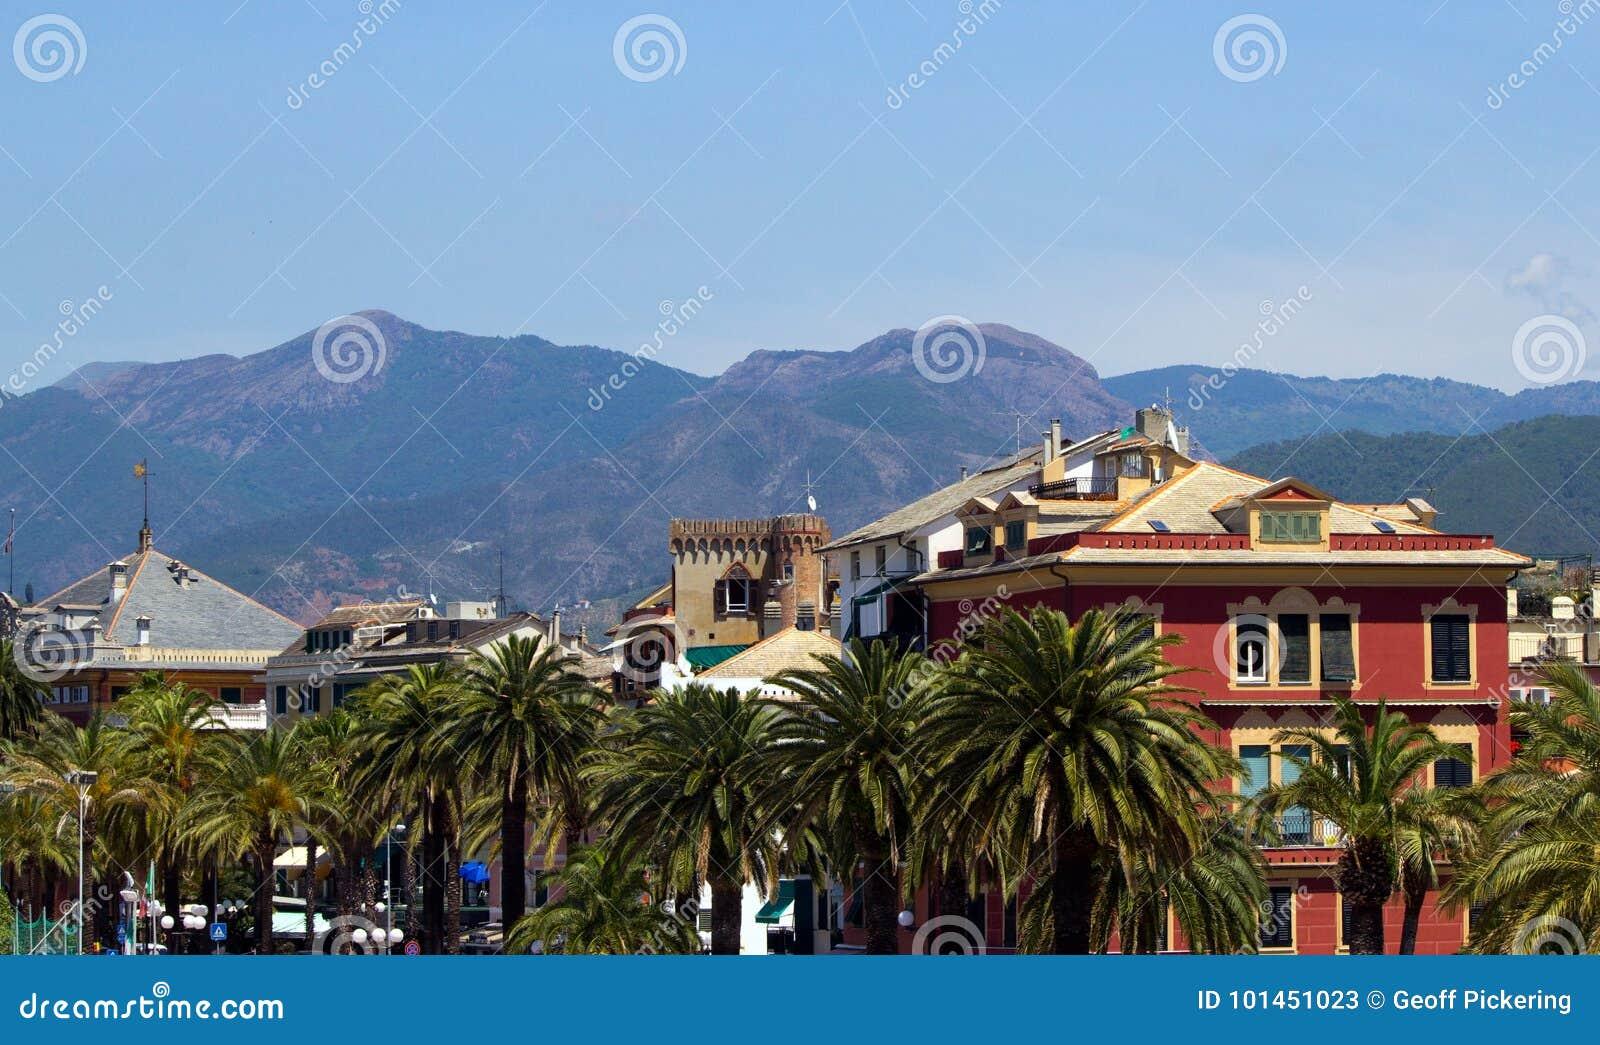 För liguria för destinationsitaly levante turist för sestri region